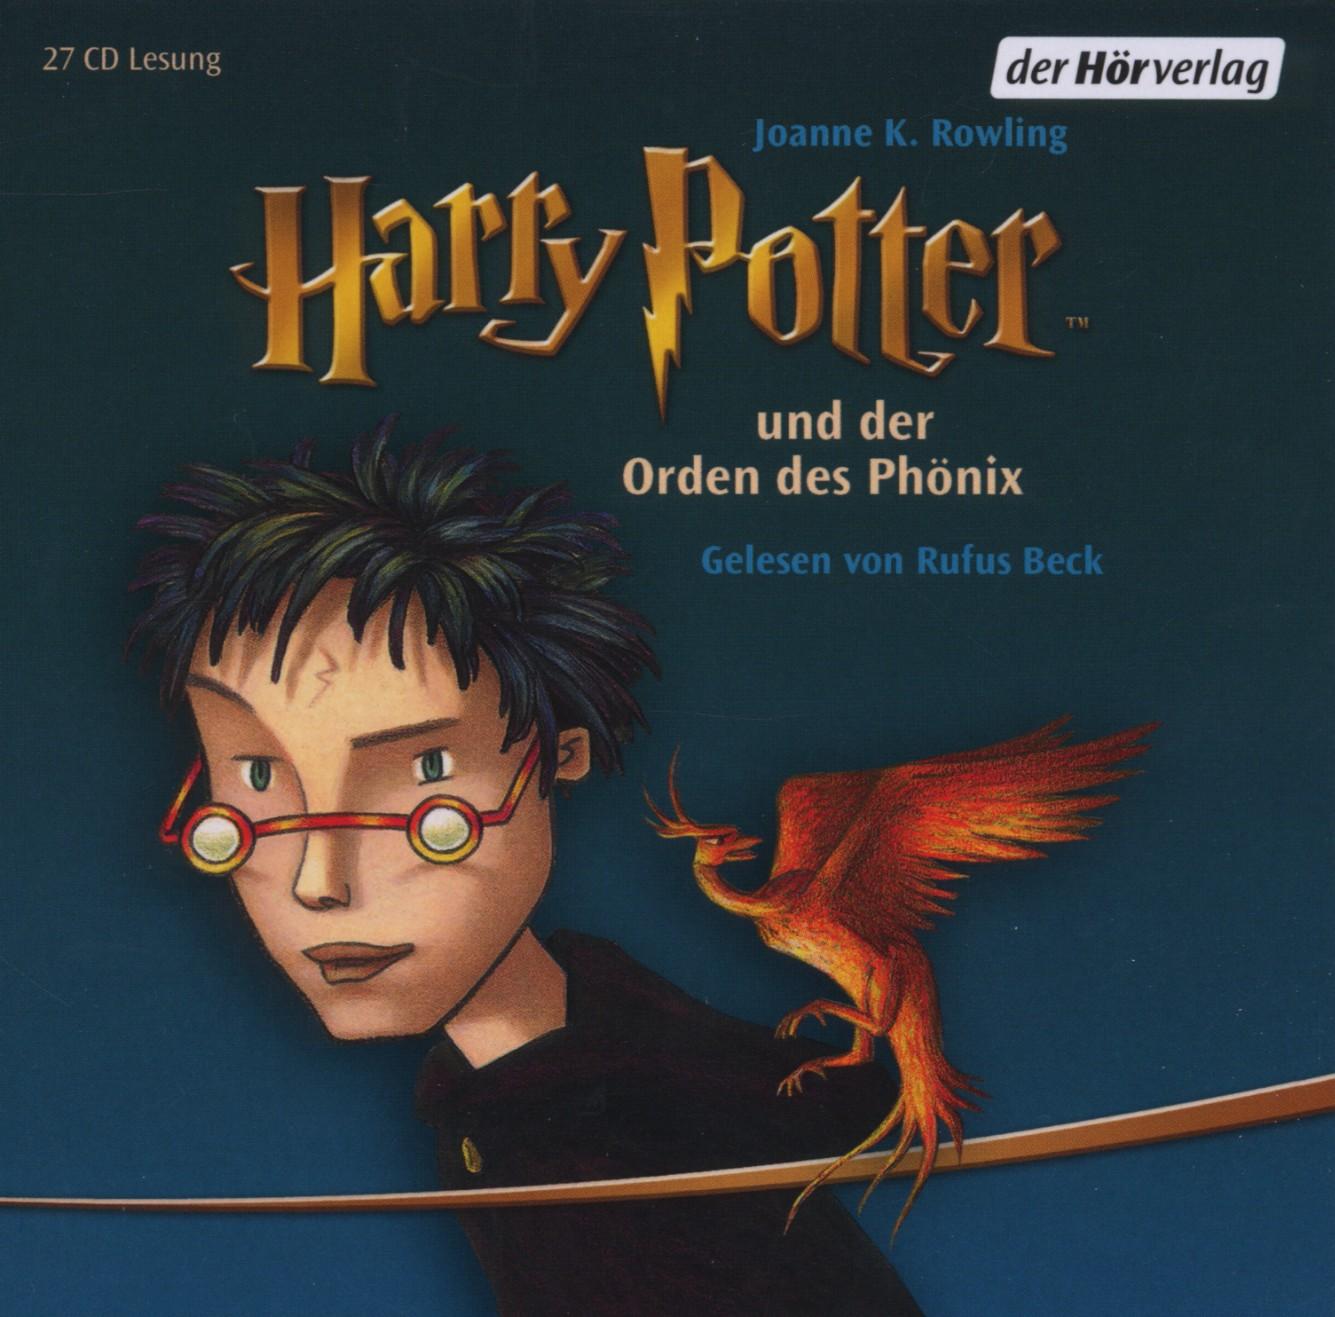 Harry Potter 5 und der Orden des Phönix: Gelesen von Rufus Beck - Joanne K. Rowling